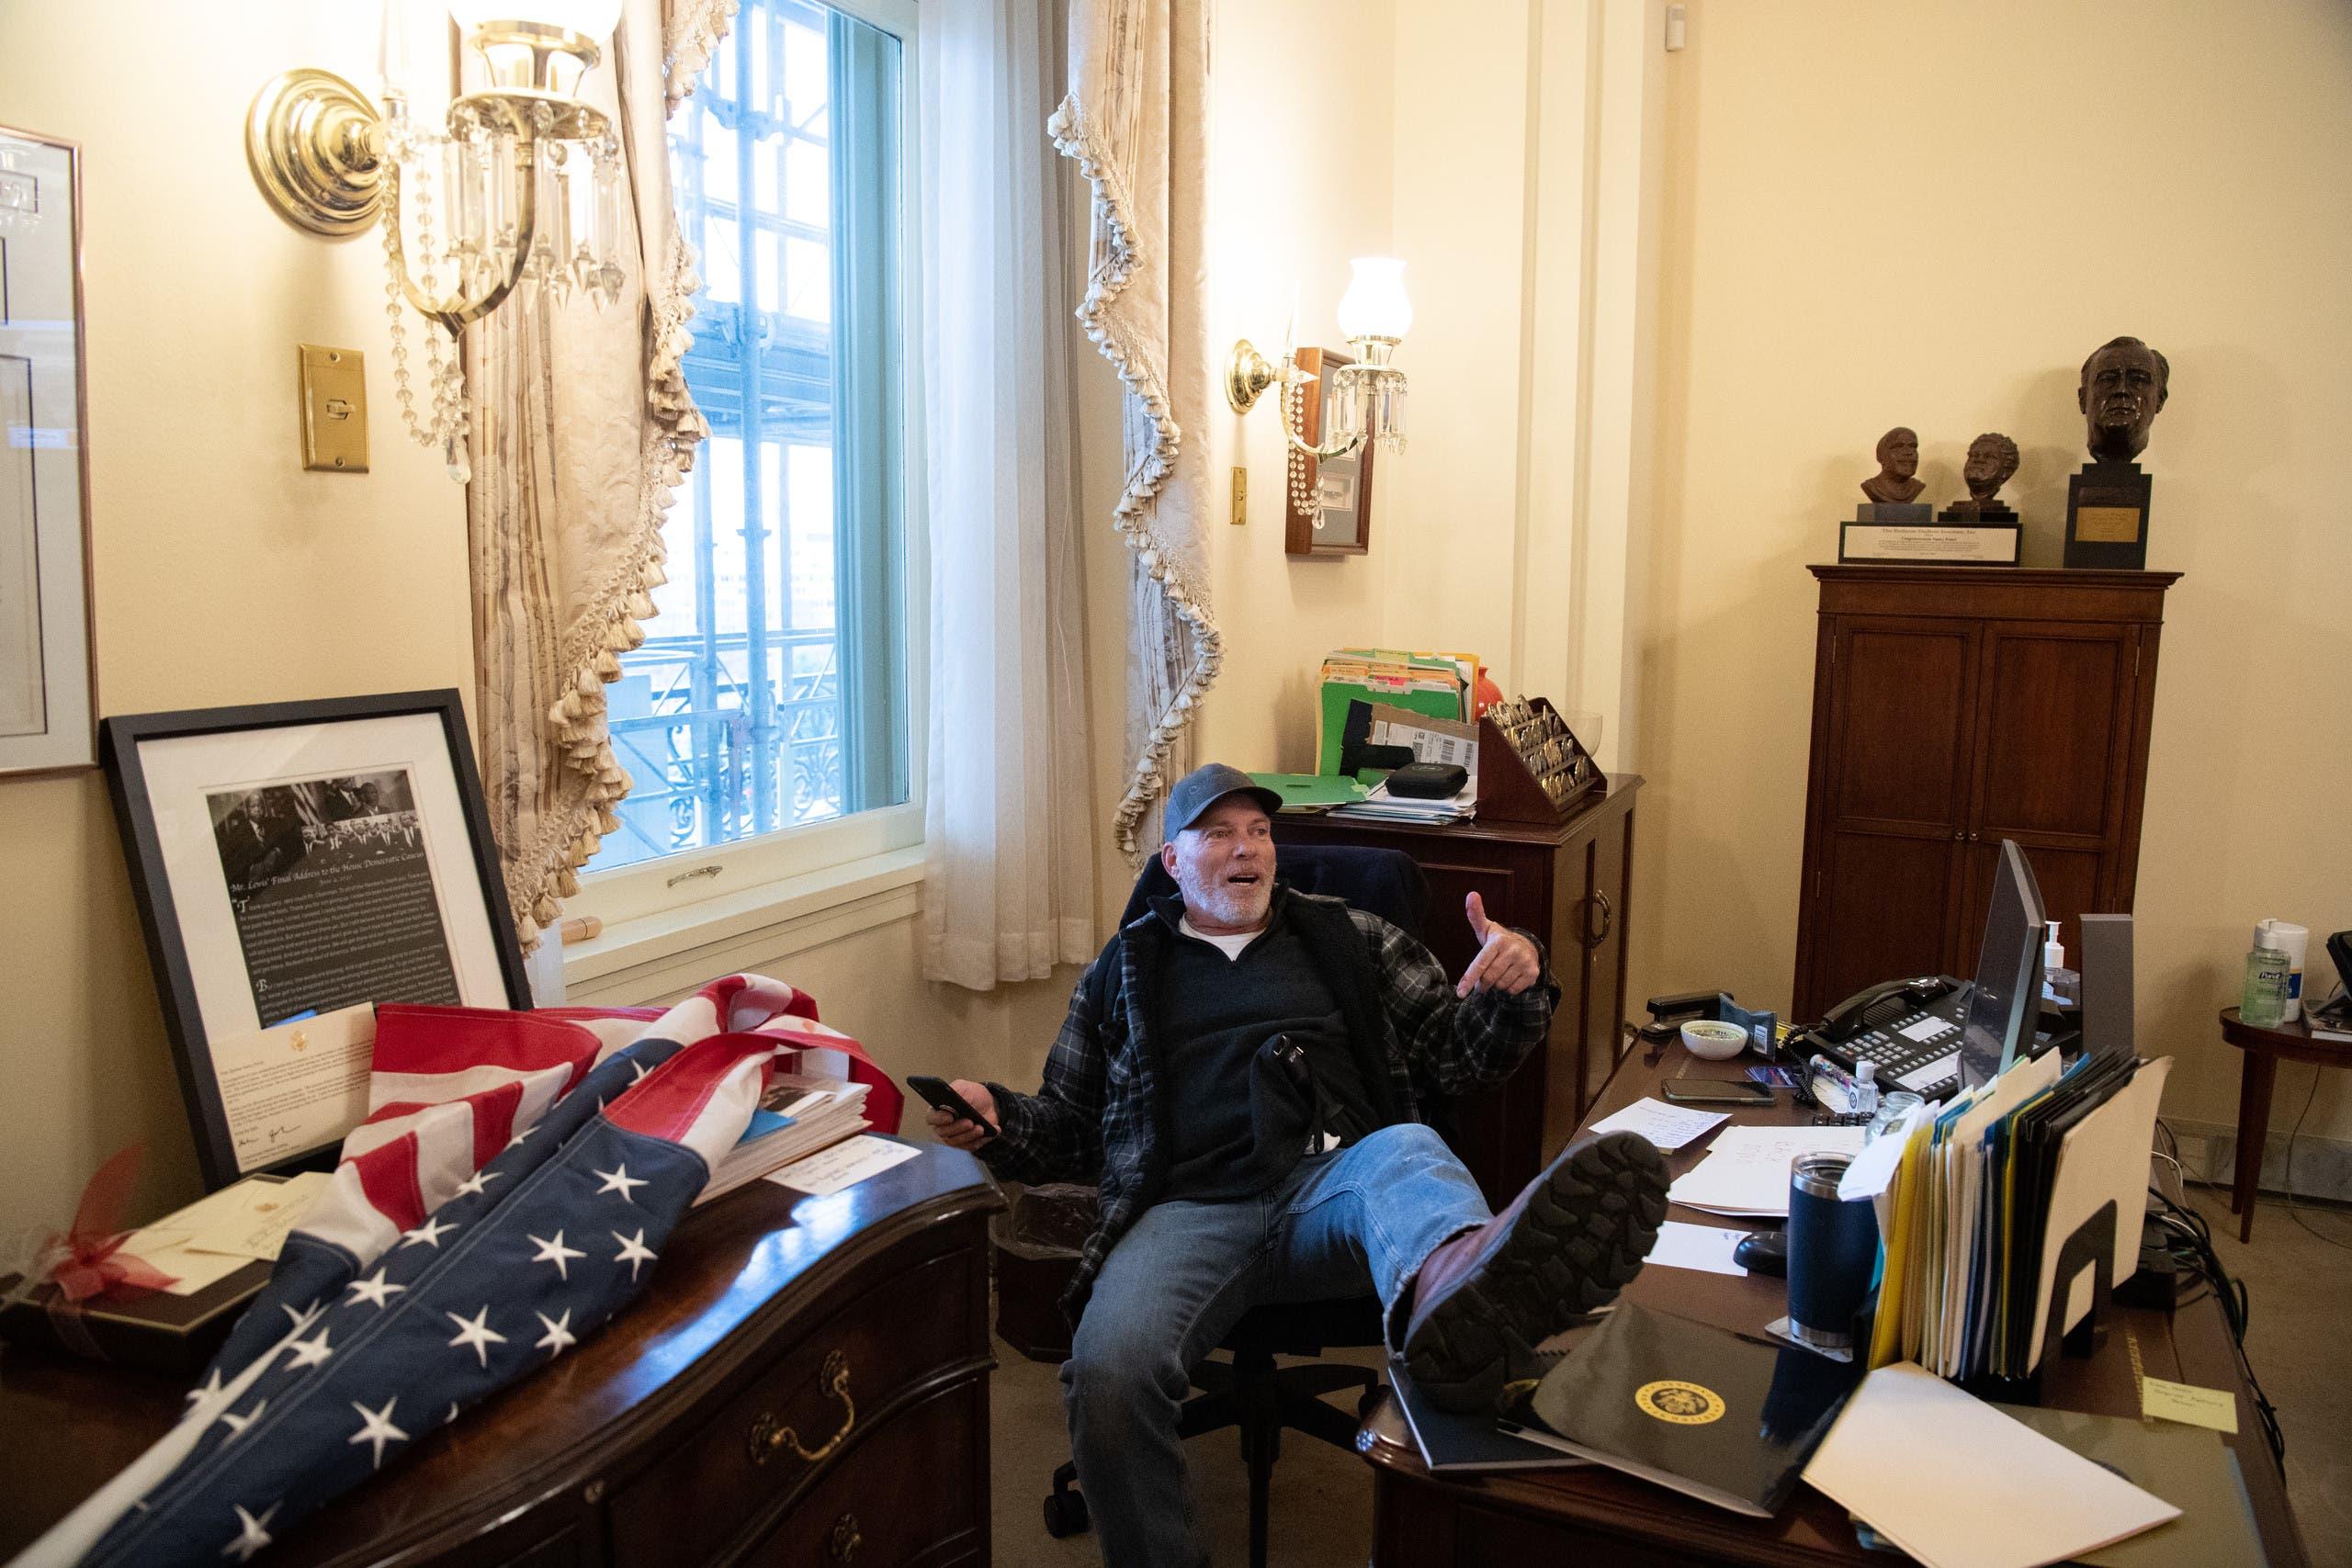 أحد مؤيدي ترمب داخل مكتب بيلوسي يوم 6 يناير